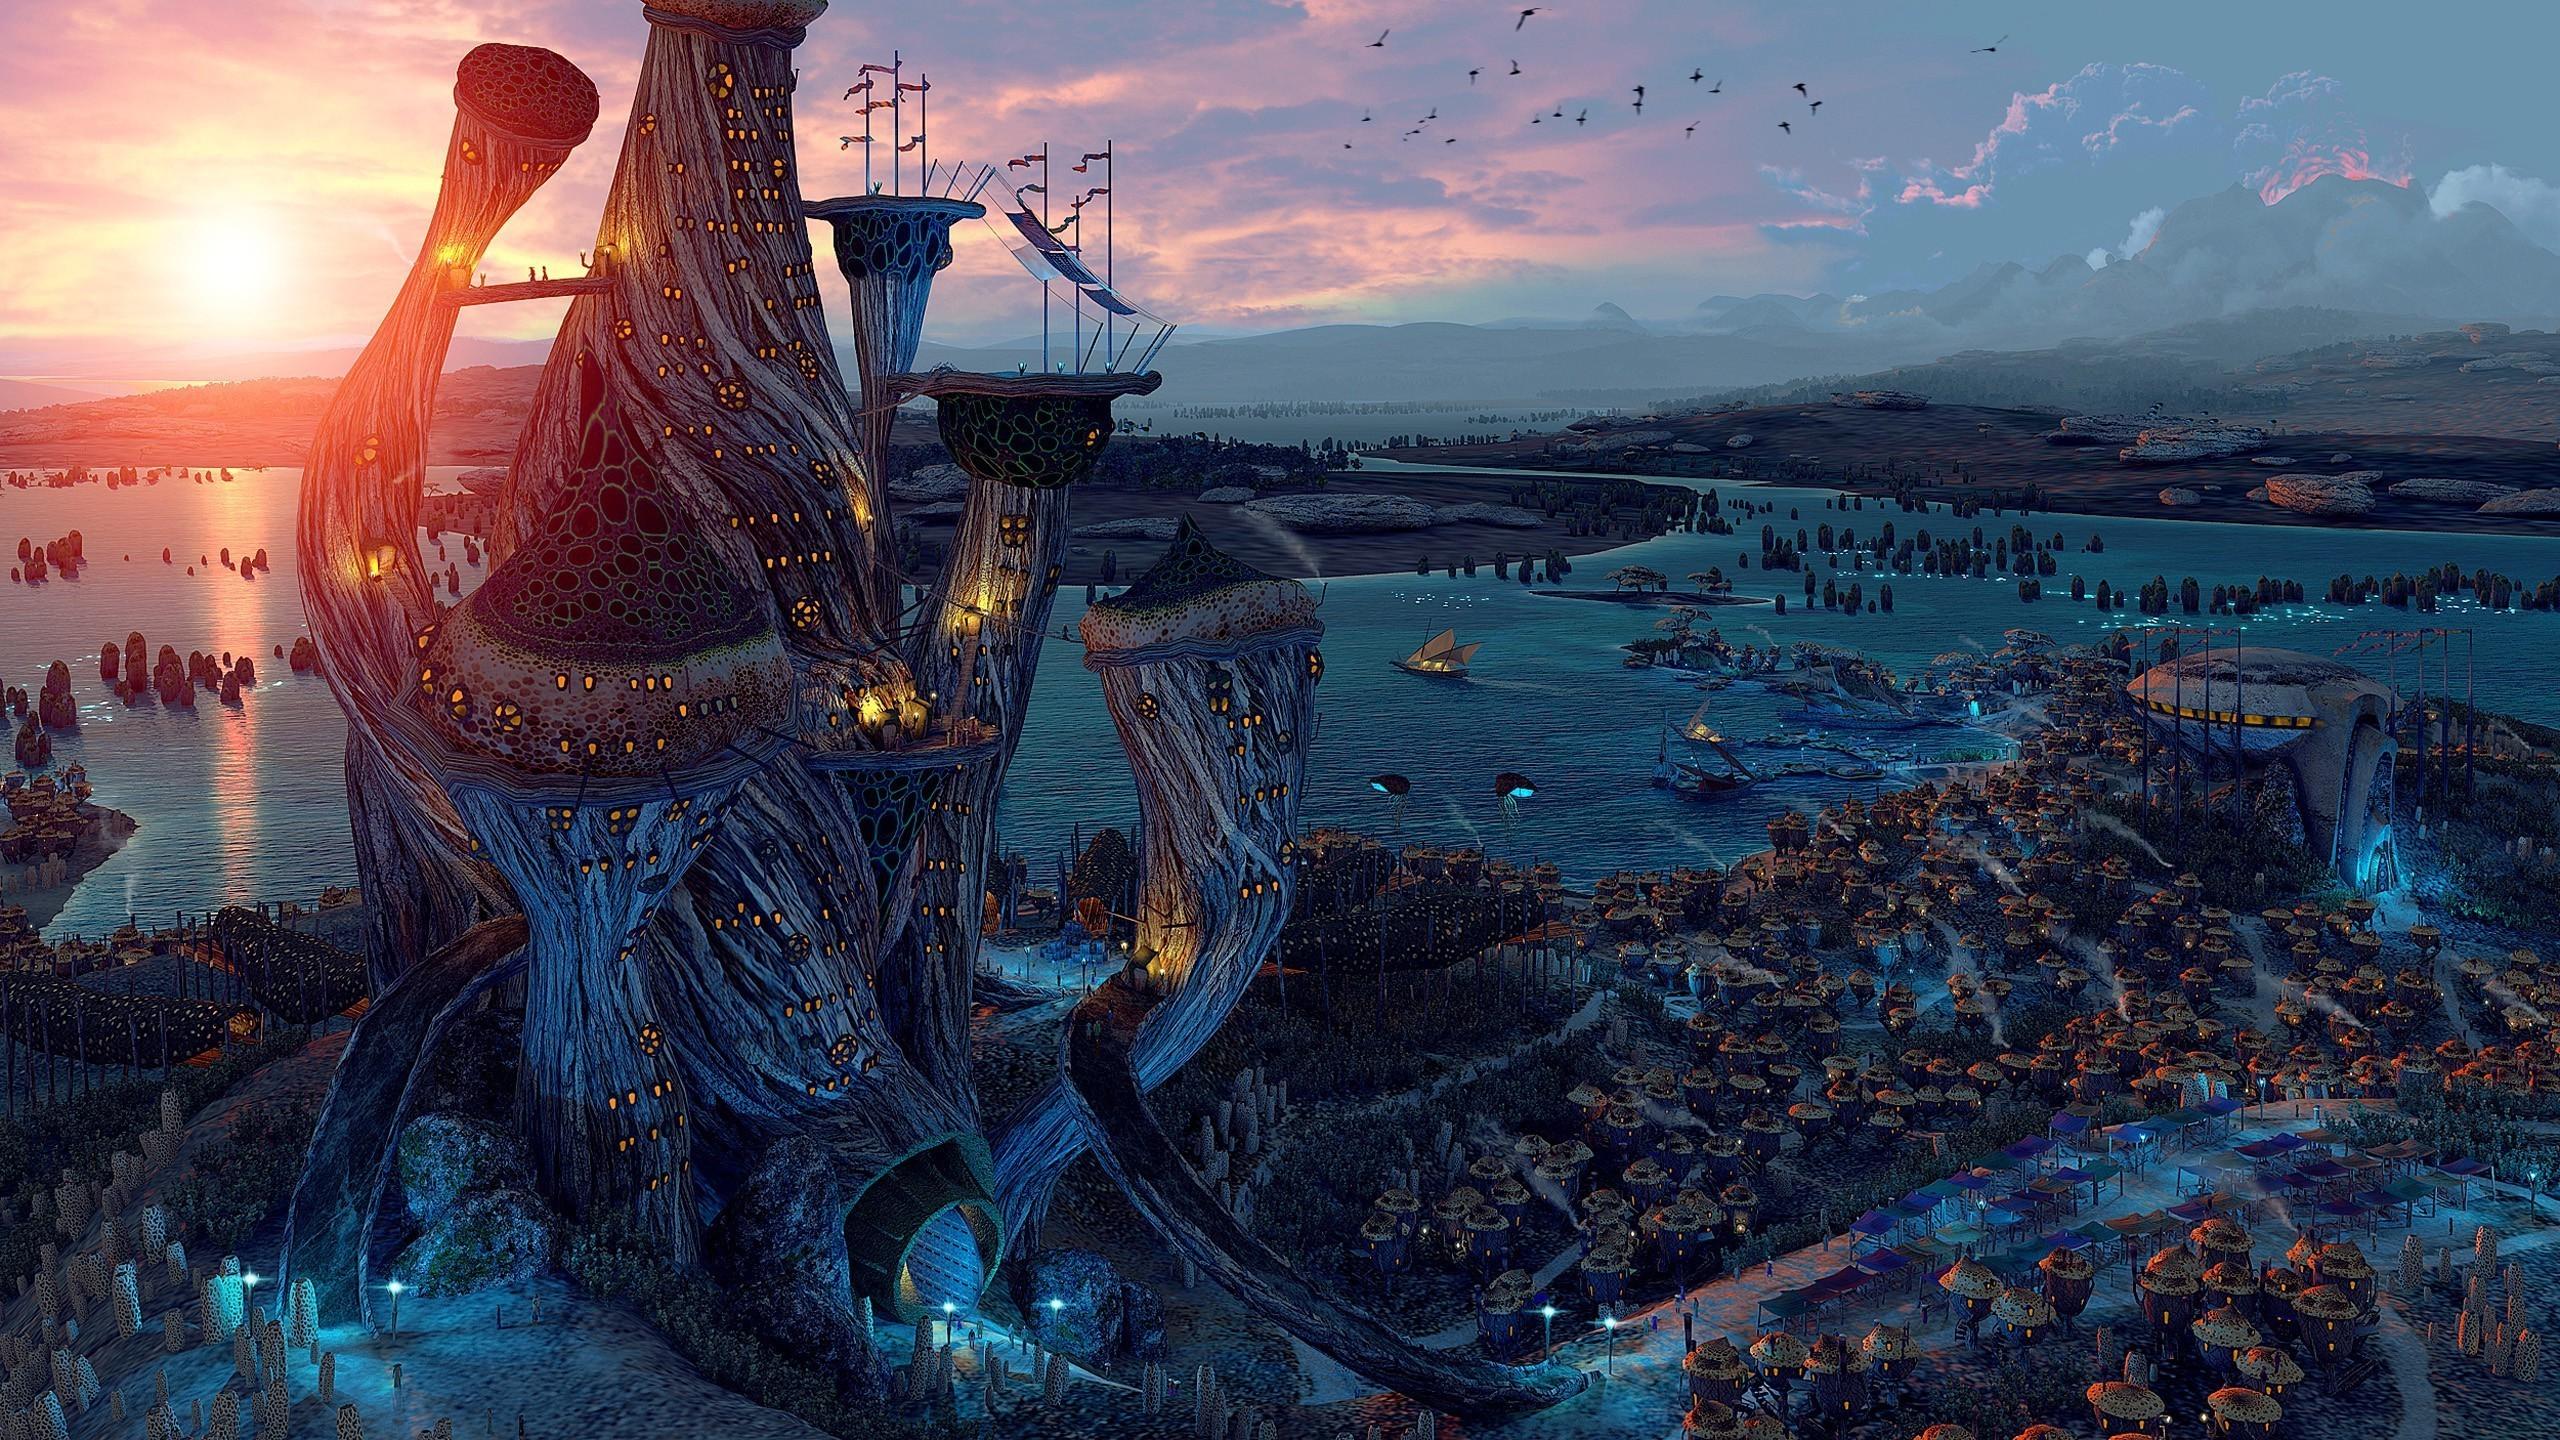 … Elder Scrolls III – Morrowind HD Wallpaper 2560×1440